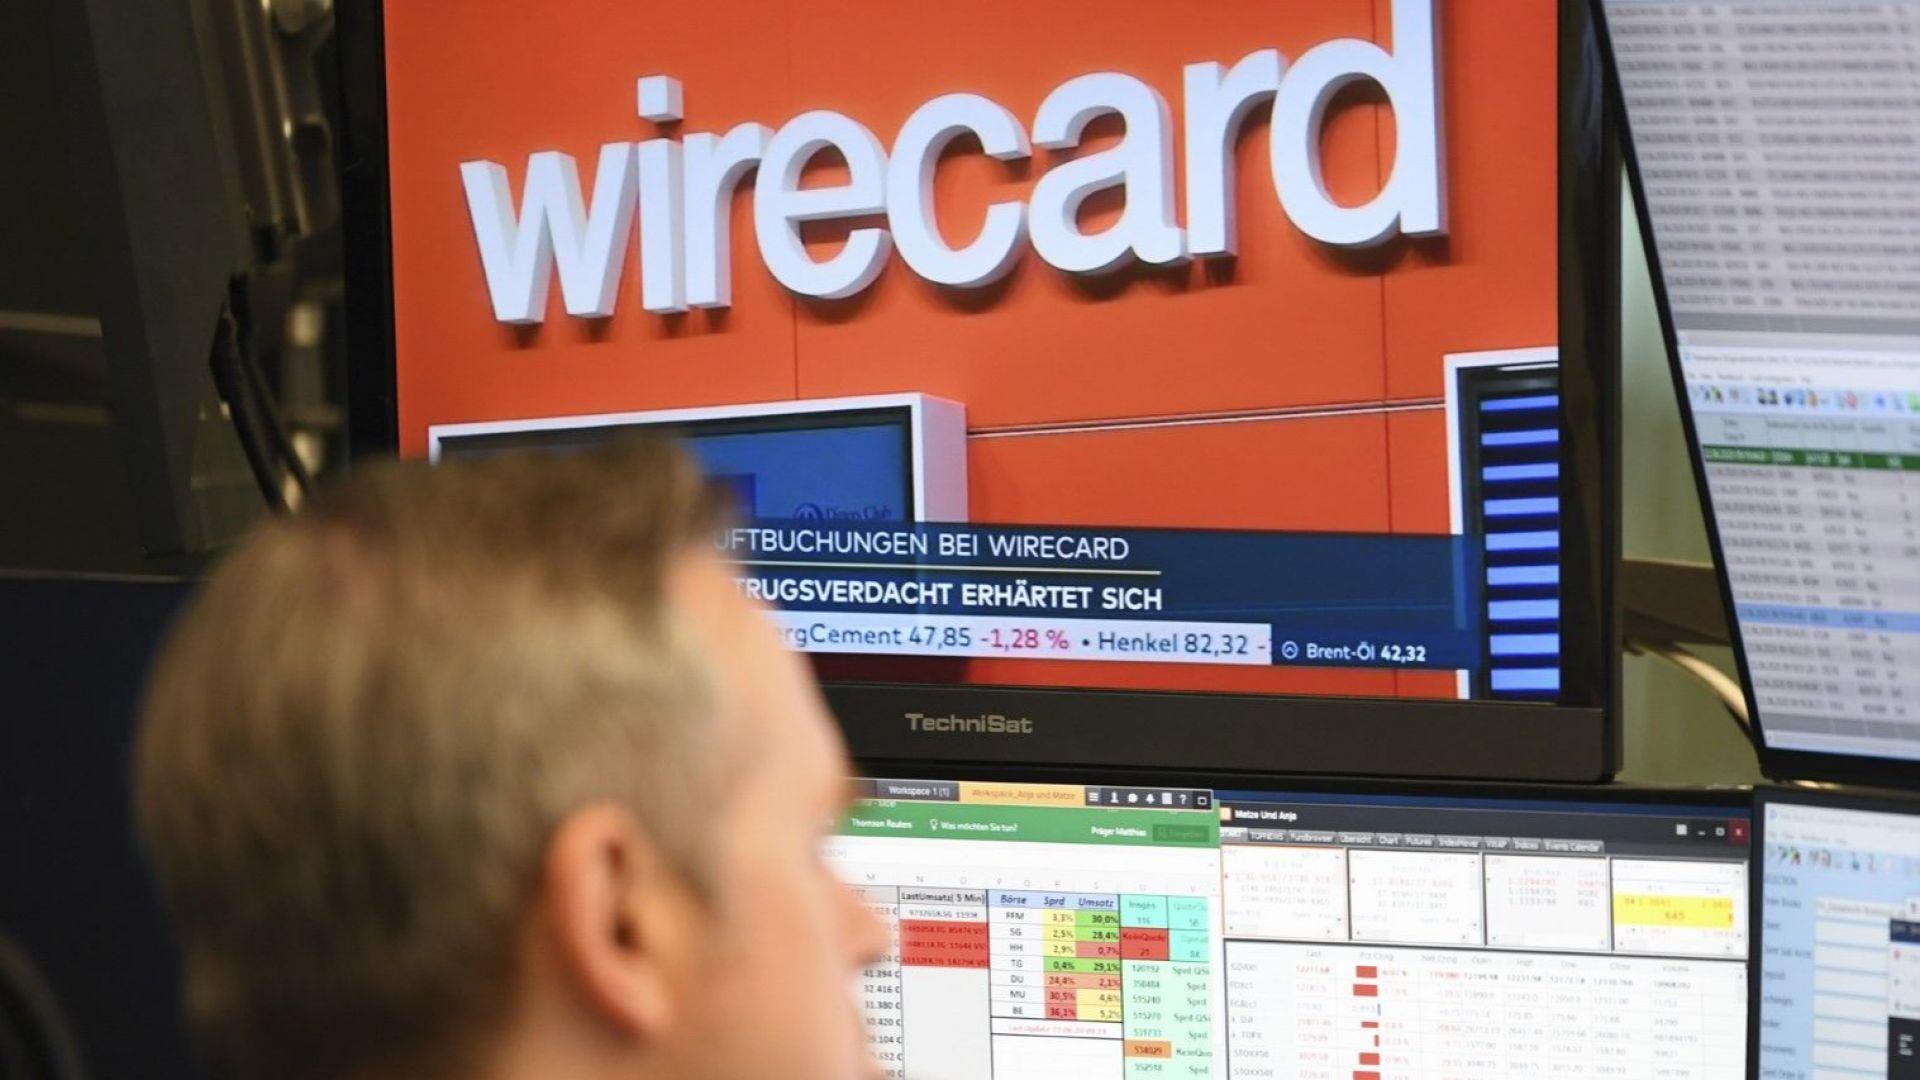 Още един арест по скандала с Уайъркард в Германия